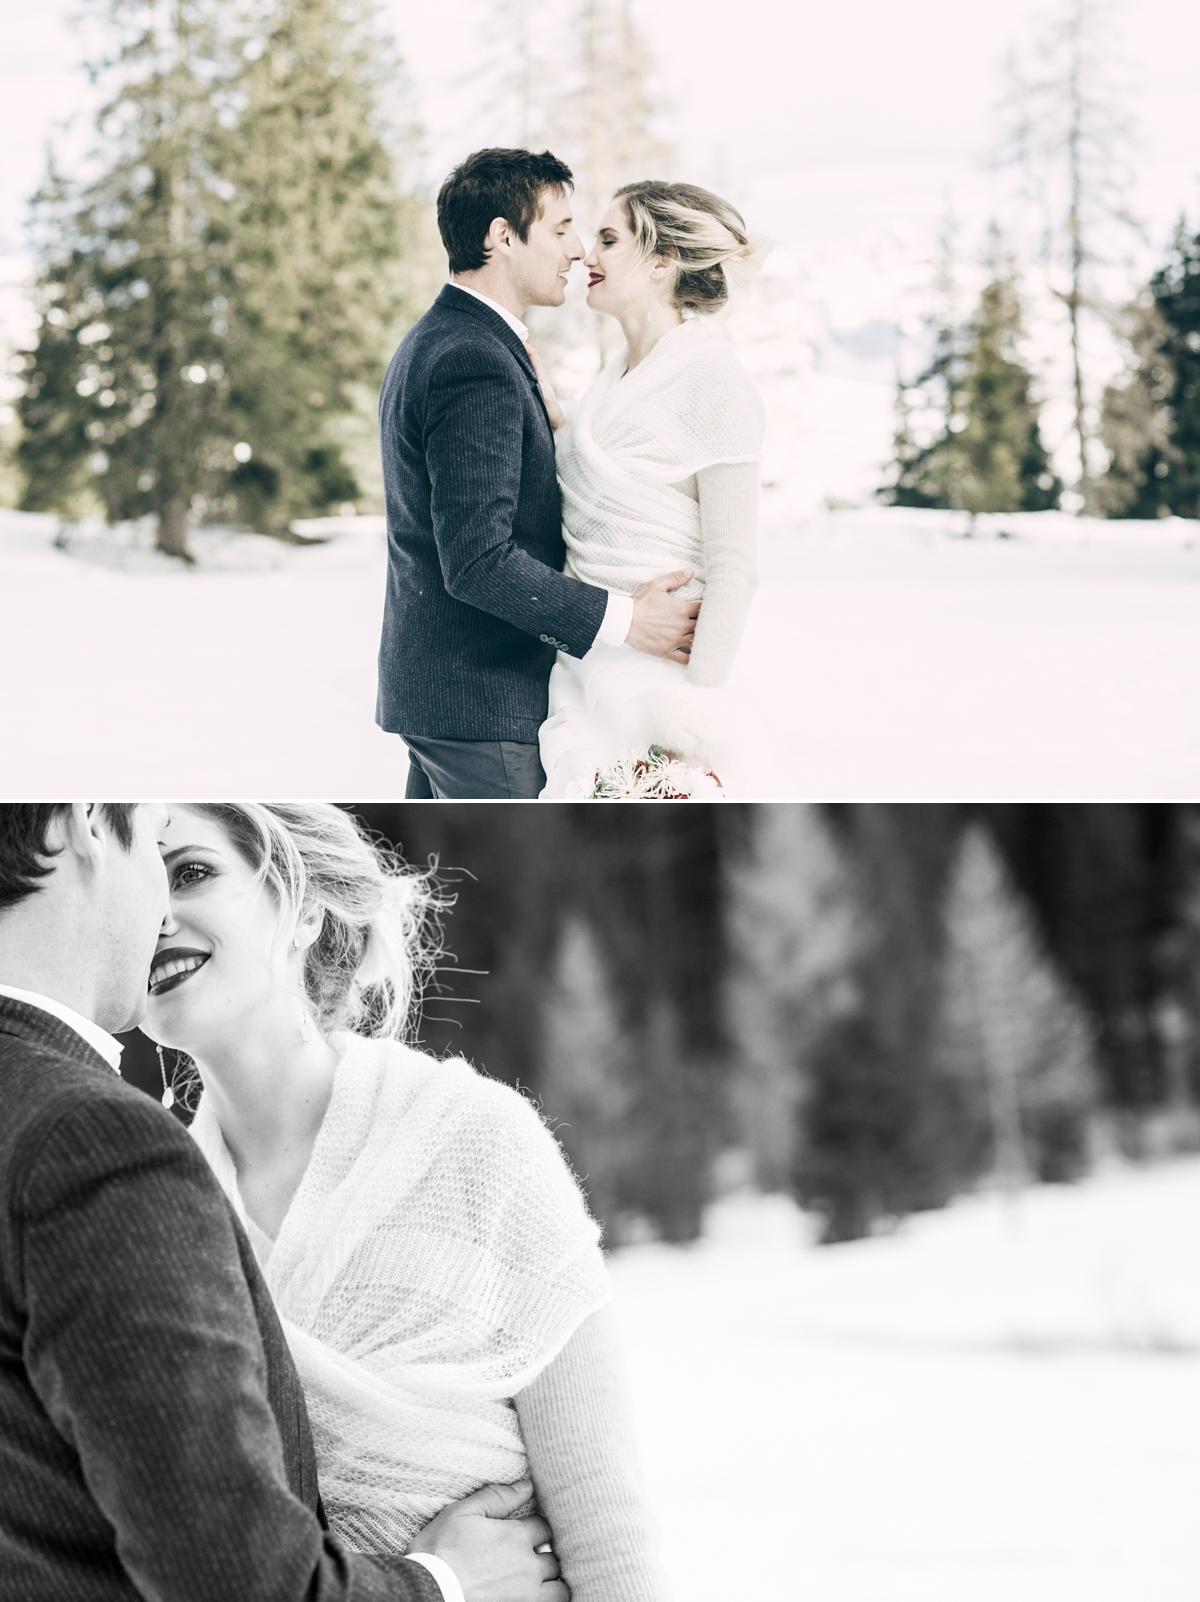 matrimonio in montagna sulla neve